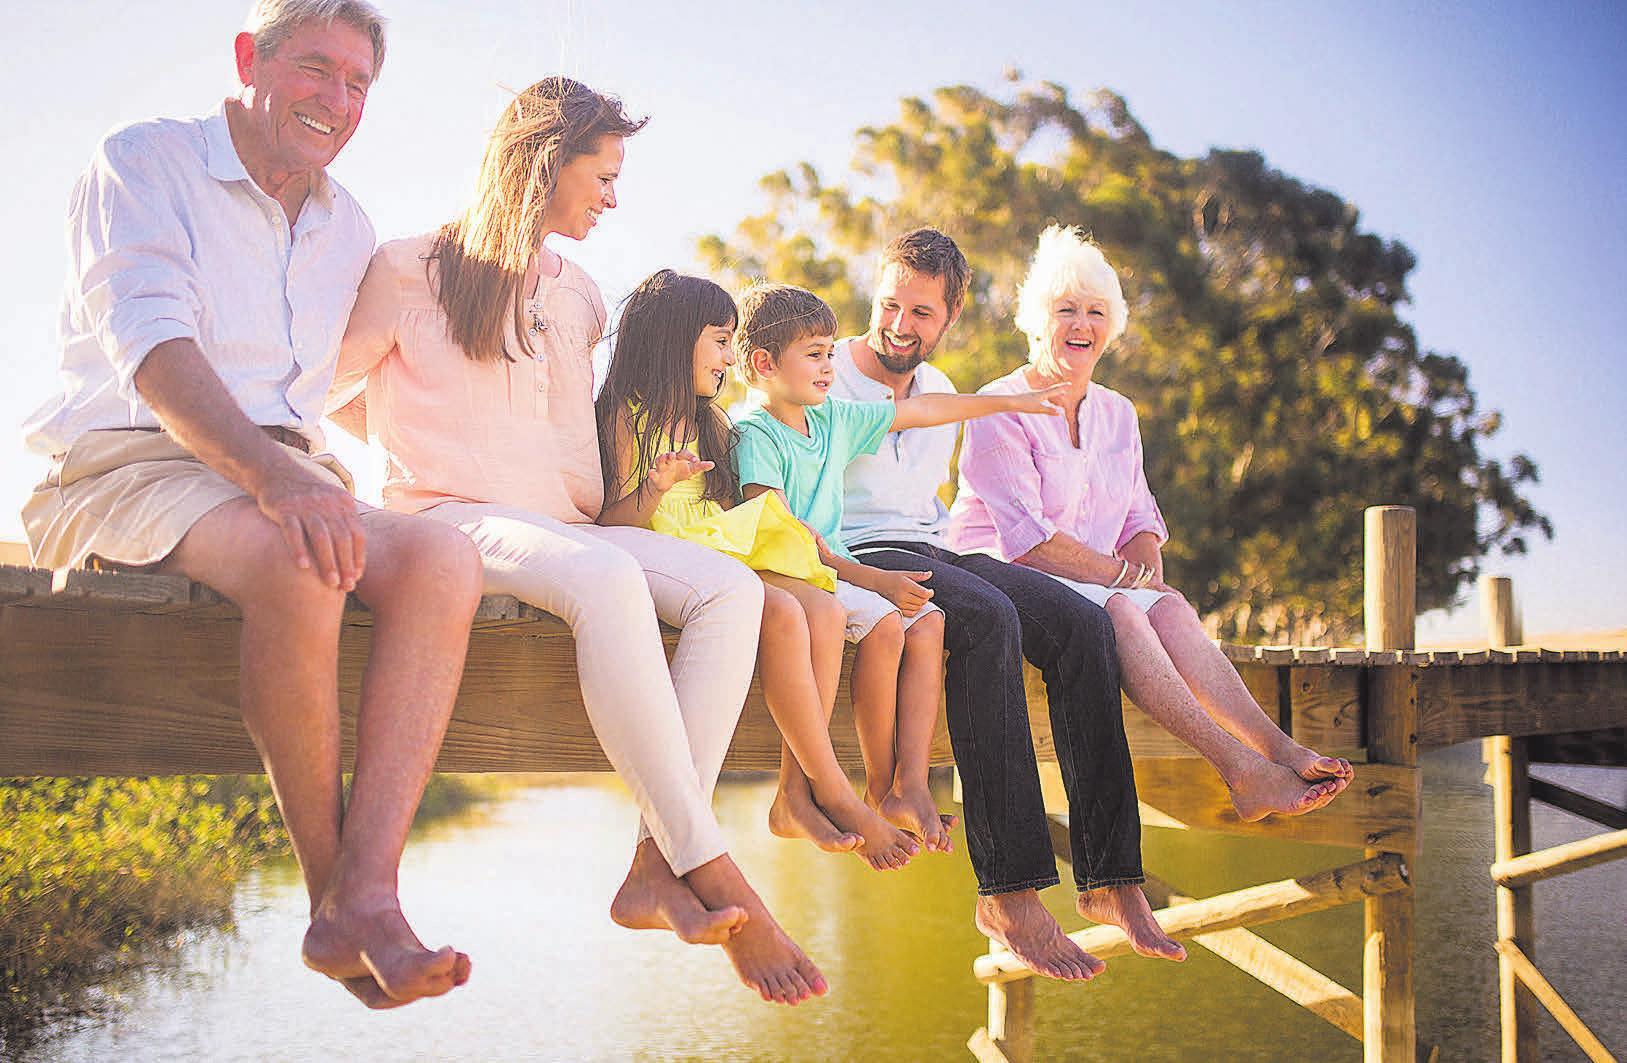 Damit Familien ihr Glück möglichst unbeschwert genießen können, ist vorausschauendes Handeln und Planen wichtig. Foto: wundervisuals/iStockphoto.com/DELA Lebensversicherung/akz-o